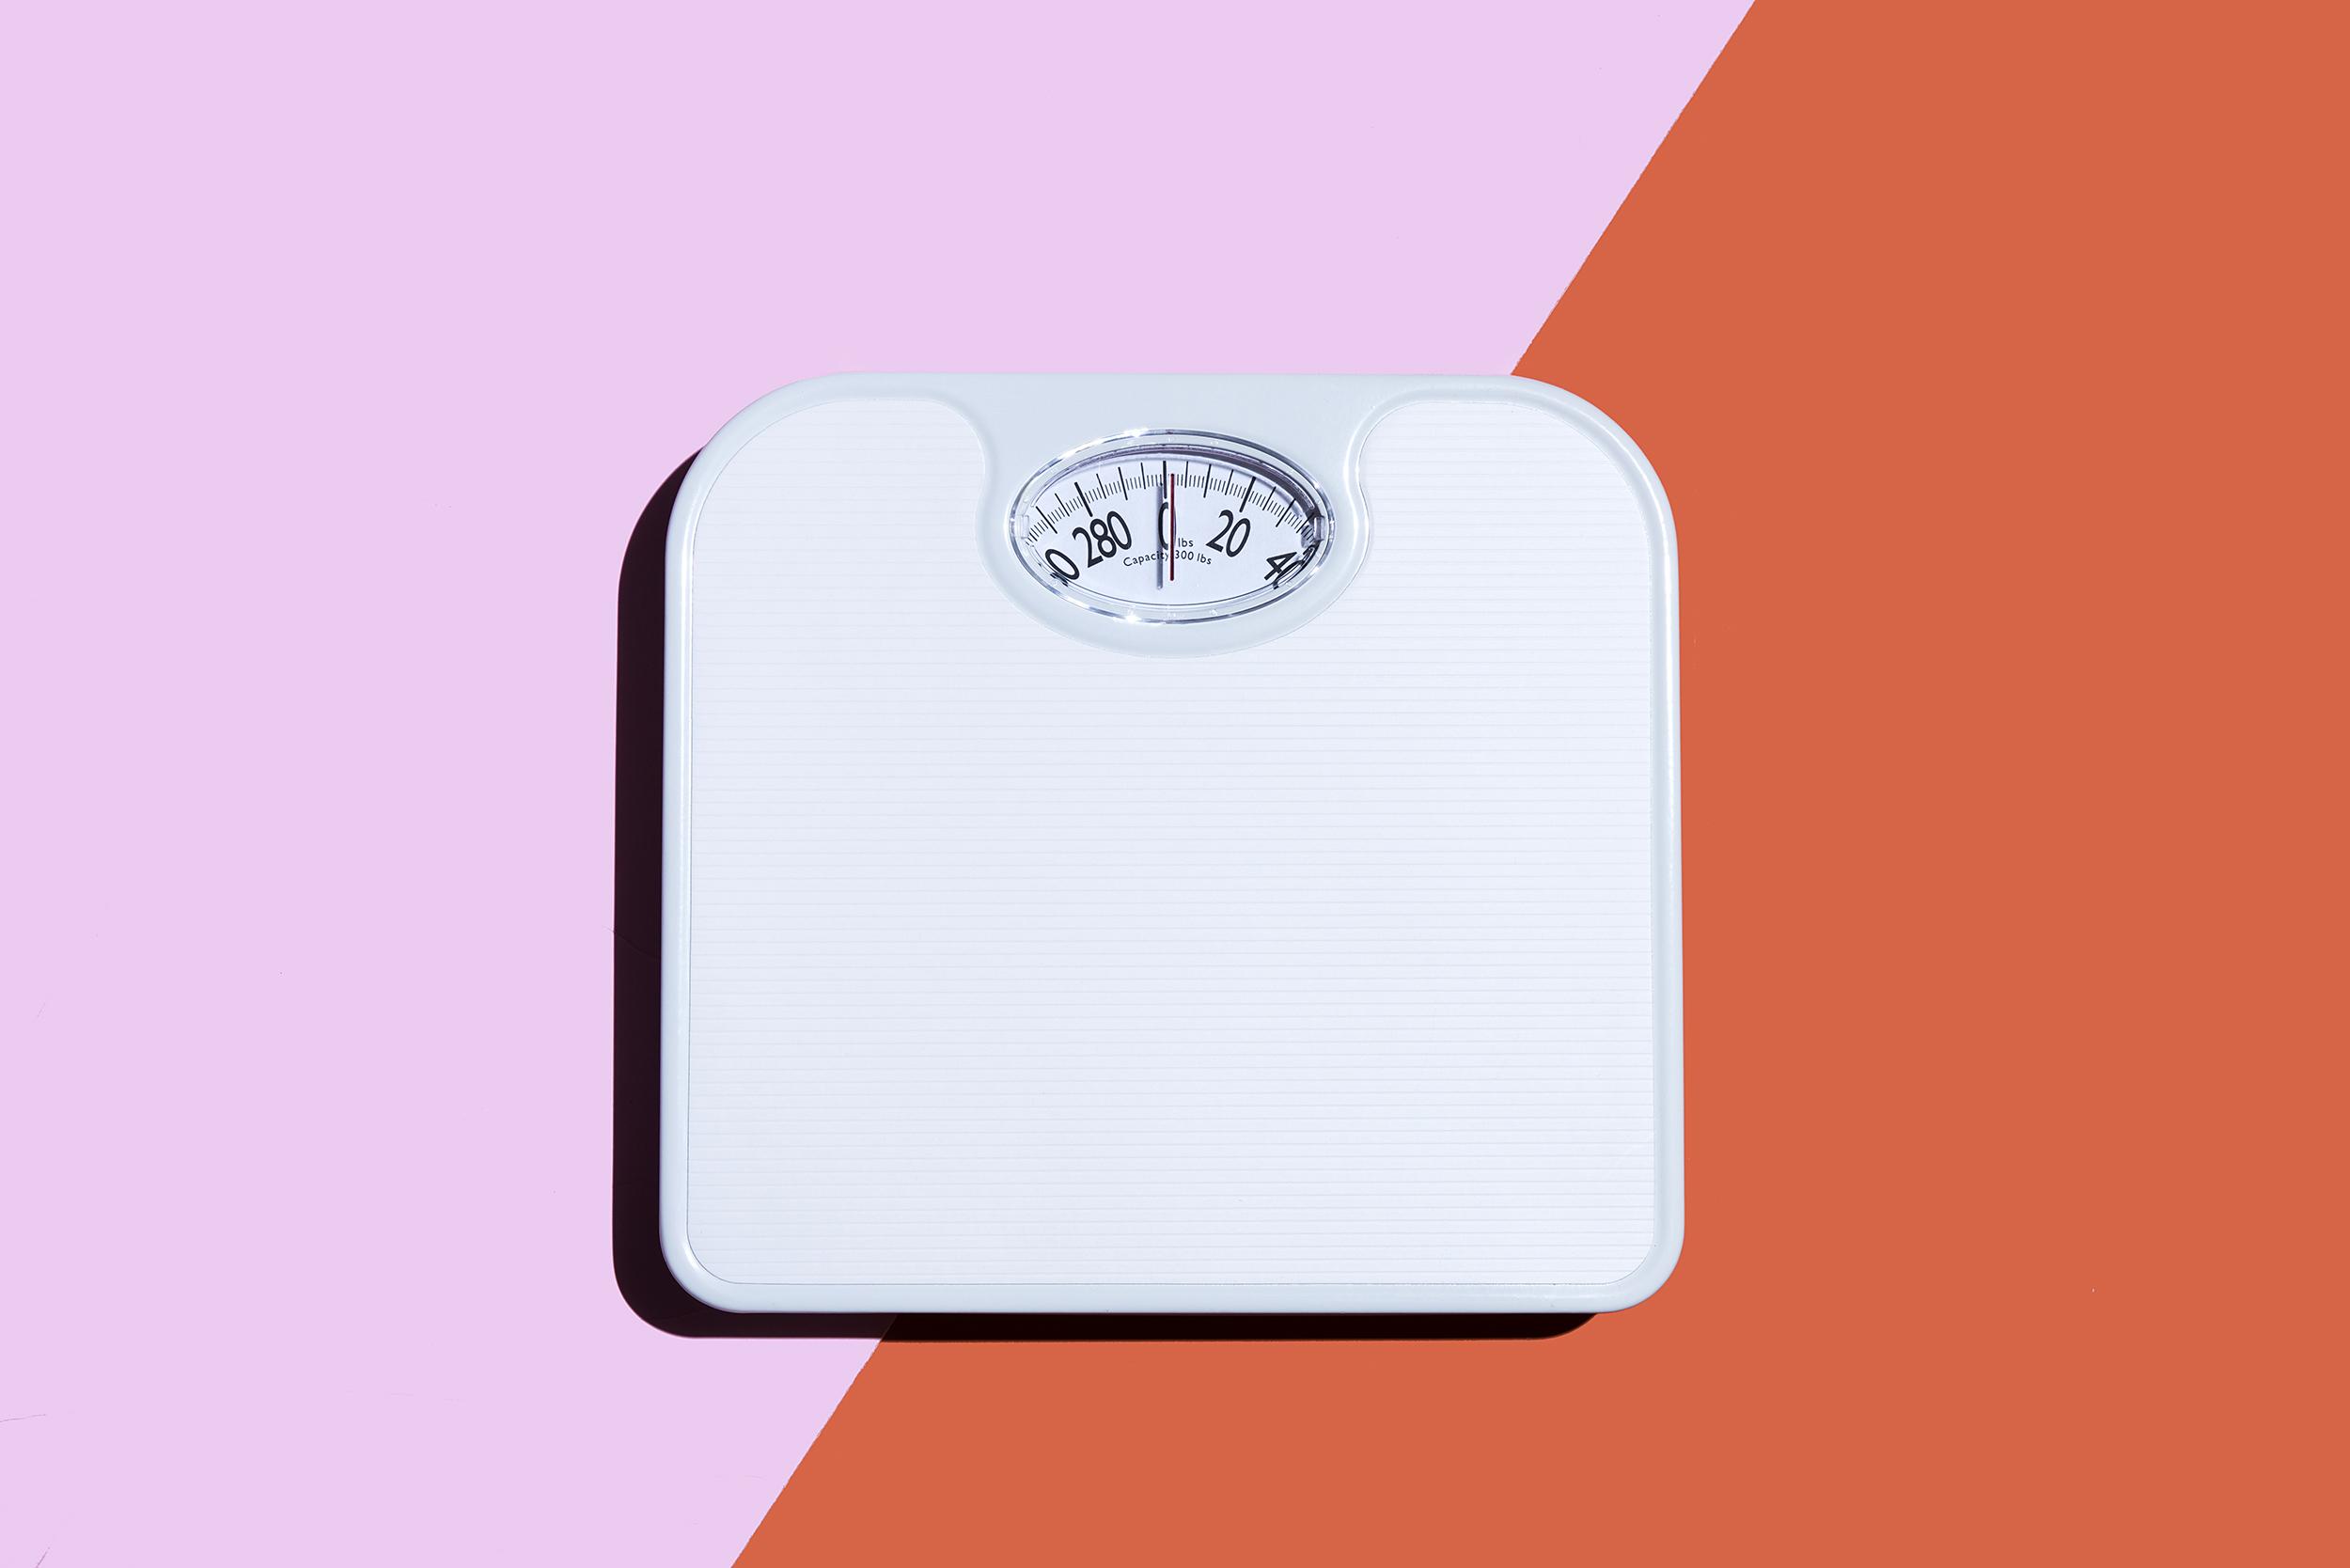 Obésité &quot;width =&quot; 2500 &quot;height =&quot; 1668 &quot;/&gt;</p><p>Pour certaines personnes, ce n'est pas toujours facile. Des millions de personnes ont du mal à faire de l&#39;embonpoint en raison de leur âge et de leur taille. Ceci est mesuré en utilisant l&#39;indice de masse corporelle (ou IMC). Un IMC de 25 ou plus est considéré en surpoids. Une mesure de 30 ou plus est considérée comme obèse.</p><p>De nombreux facteurs entraînent un surpoids ou sont considérés comme obèses. Certaines personnes ont des raisons génétiques ou physiques qui empêchent leur corps de brûler efficacement les graisses. D&#39;autres sont considérés comme faisant de l&#39;embonpoint en raison de leurs propres habitudes alimentaires, de leur manque d&#39;exercice physique, d&#39;une mauvaise santé mentale, du stress, de l&#39;anxiété ou d&#39;autres raisons.</p><p>Il existe des sites internet contenant des informations sur <a href=